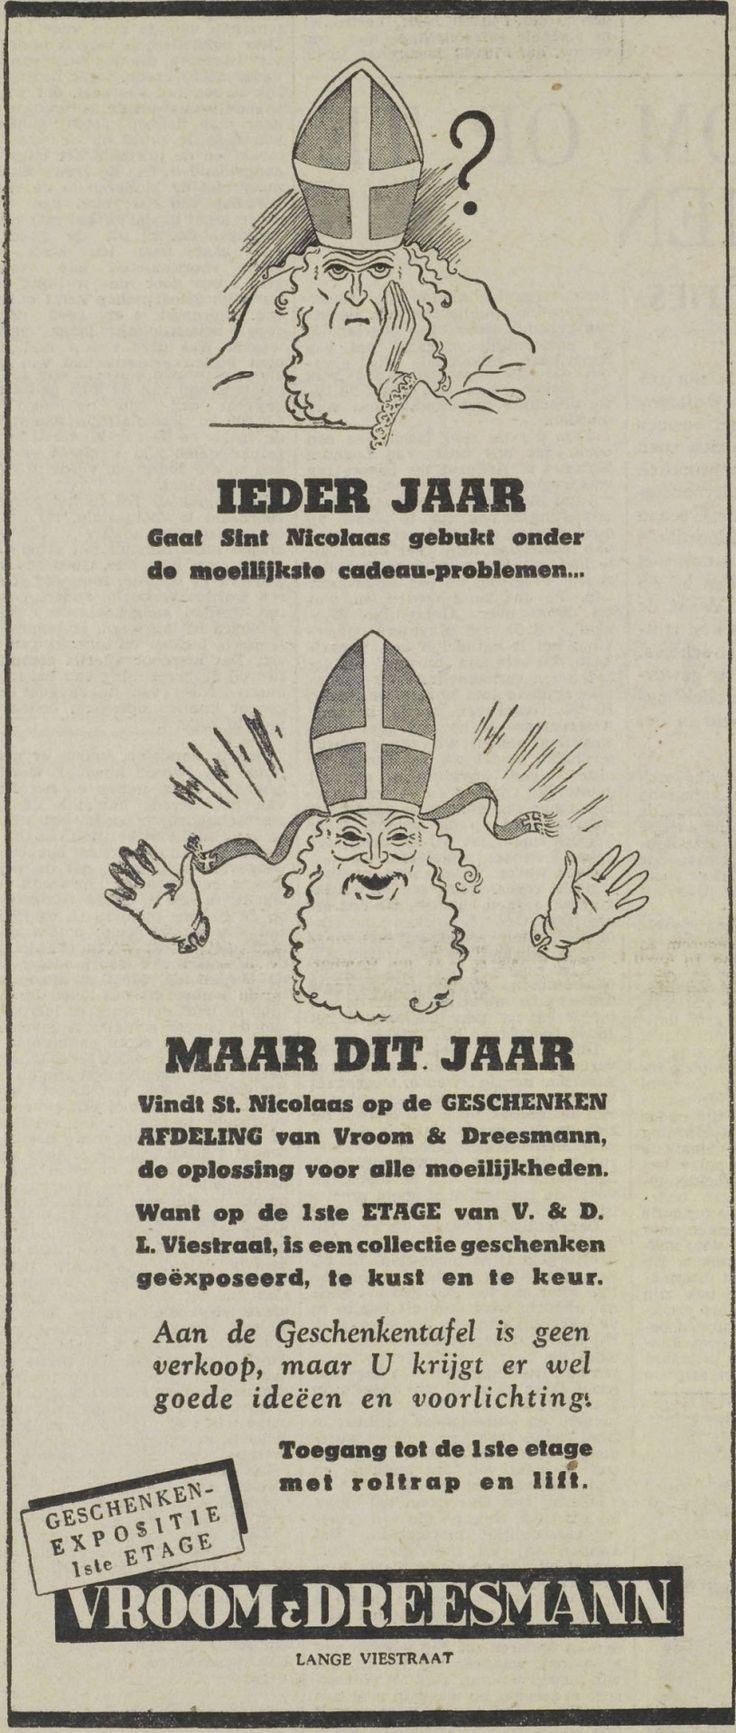 Alle cadeau-problemen van Sint Nicolaas worden opgelost door Vroom & Dreesmann in de Lange Viestraat. UN, 25 november 1950, pagina 10